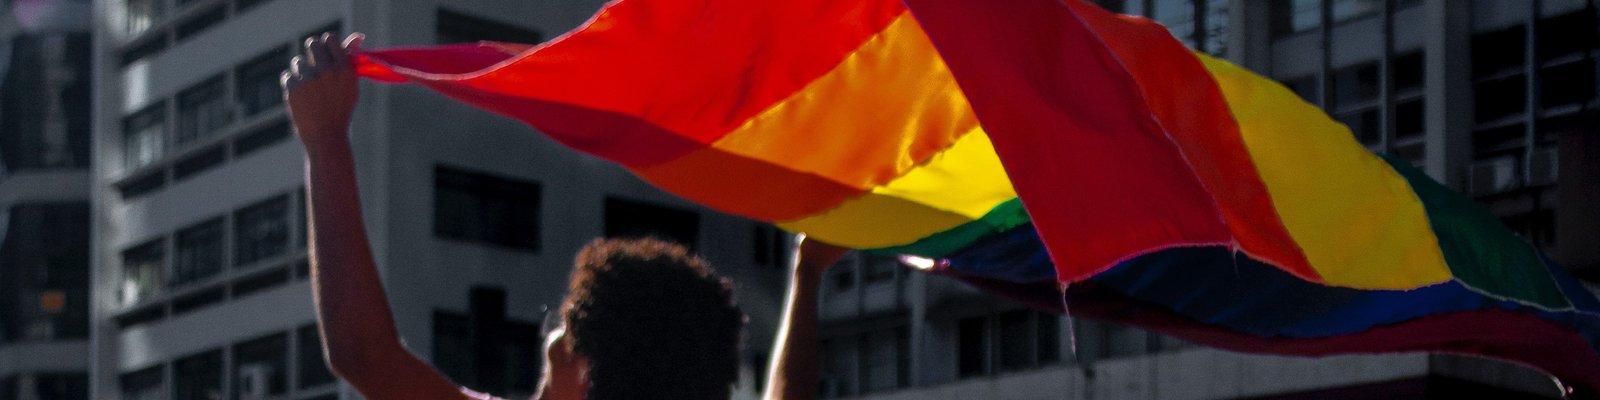 pride flag banner.jpg